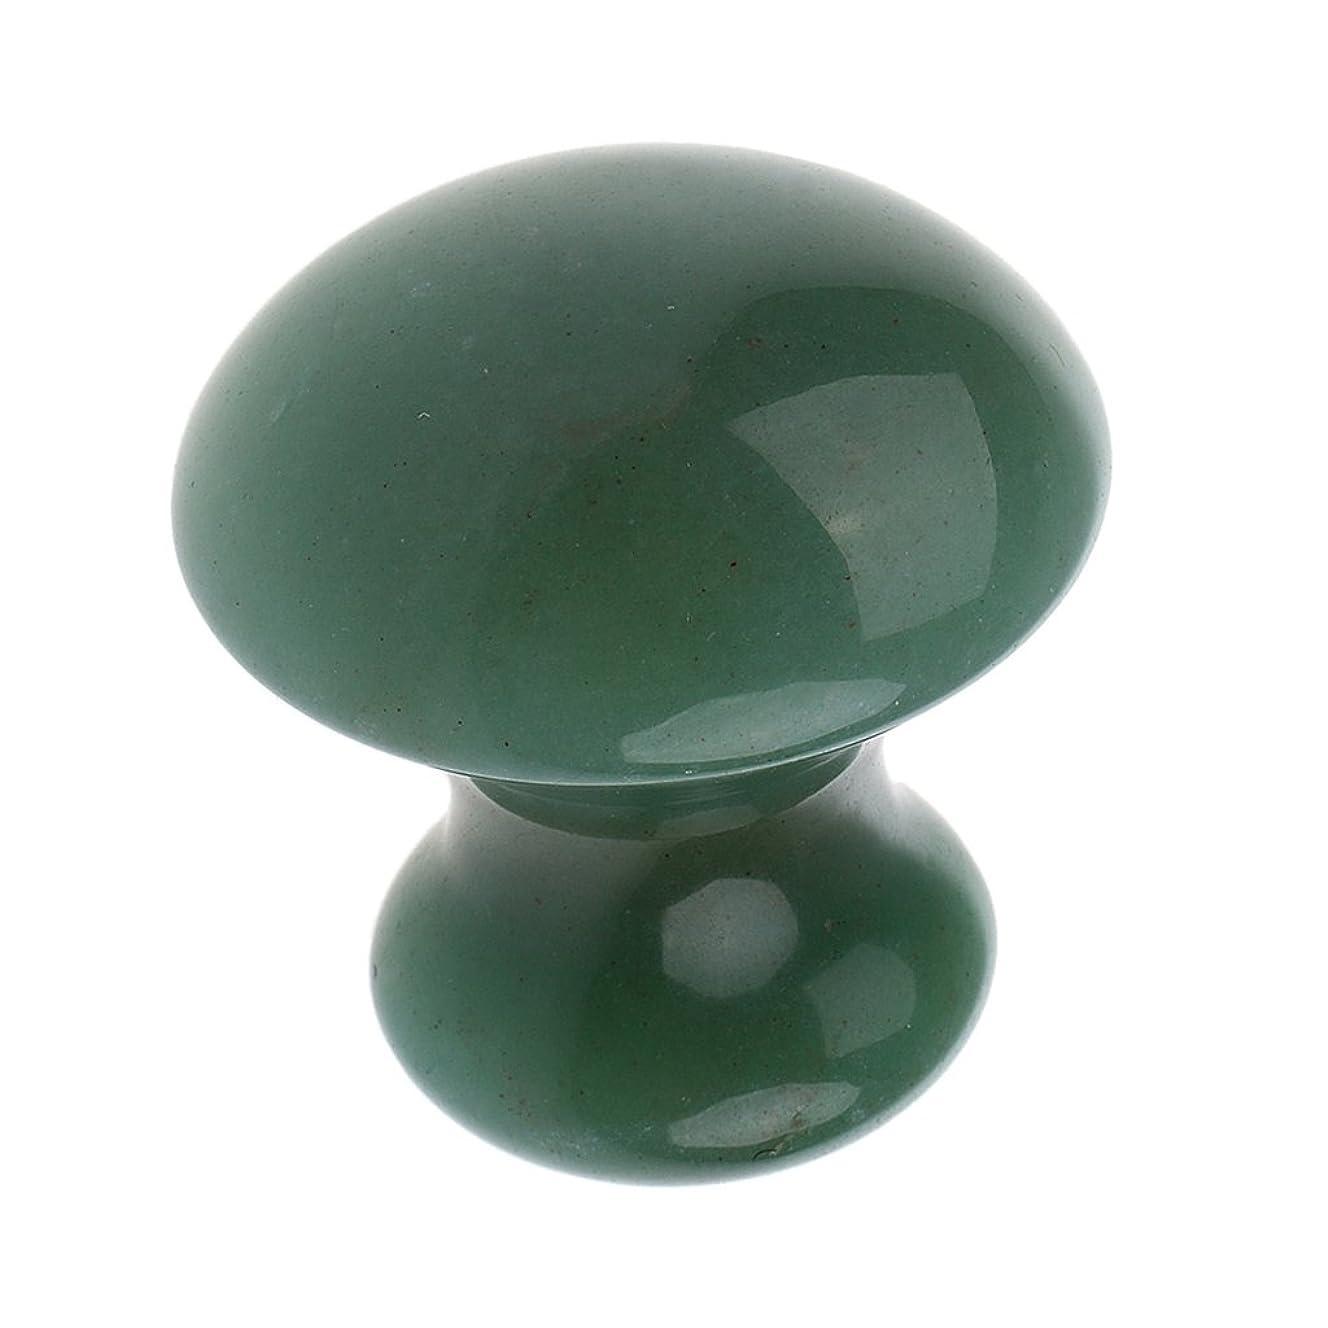 ジェスチャー摂動モナリザBaoblaze マッサージストーン マッシュルーム スパ SPA ストーン スキンケア リラックス 2色選べる - 緑